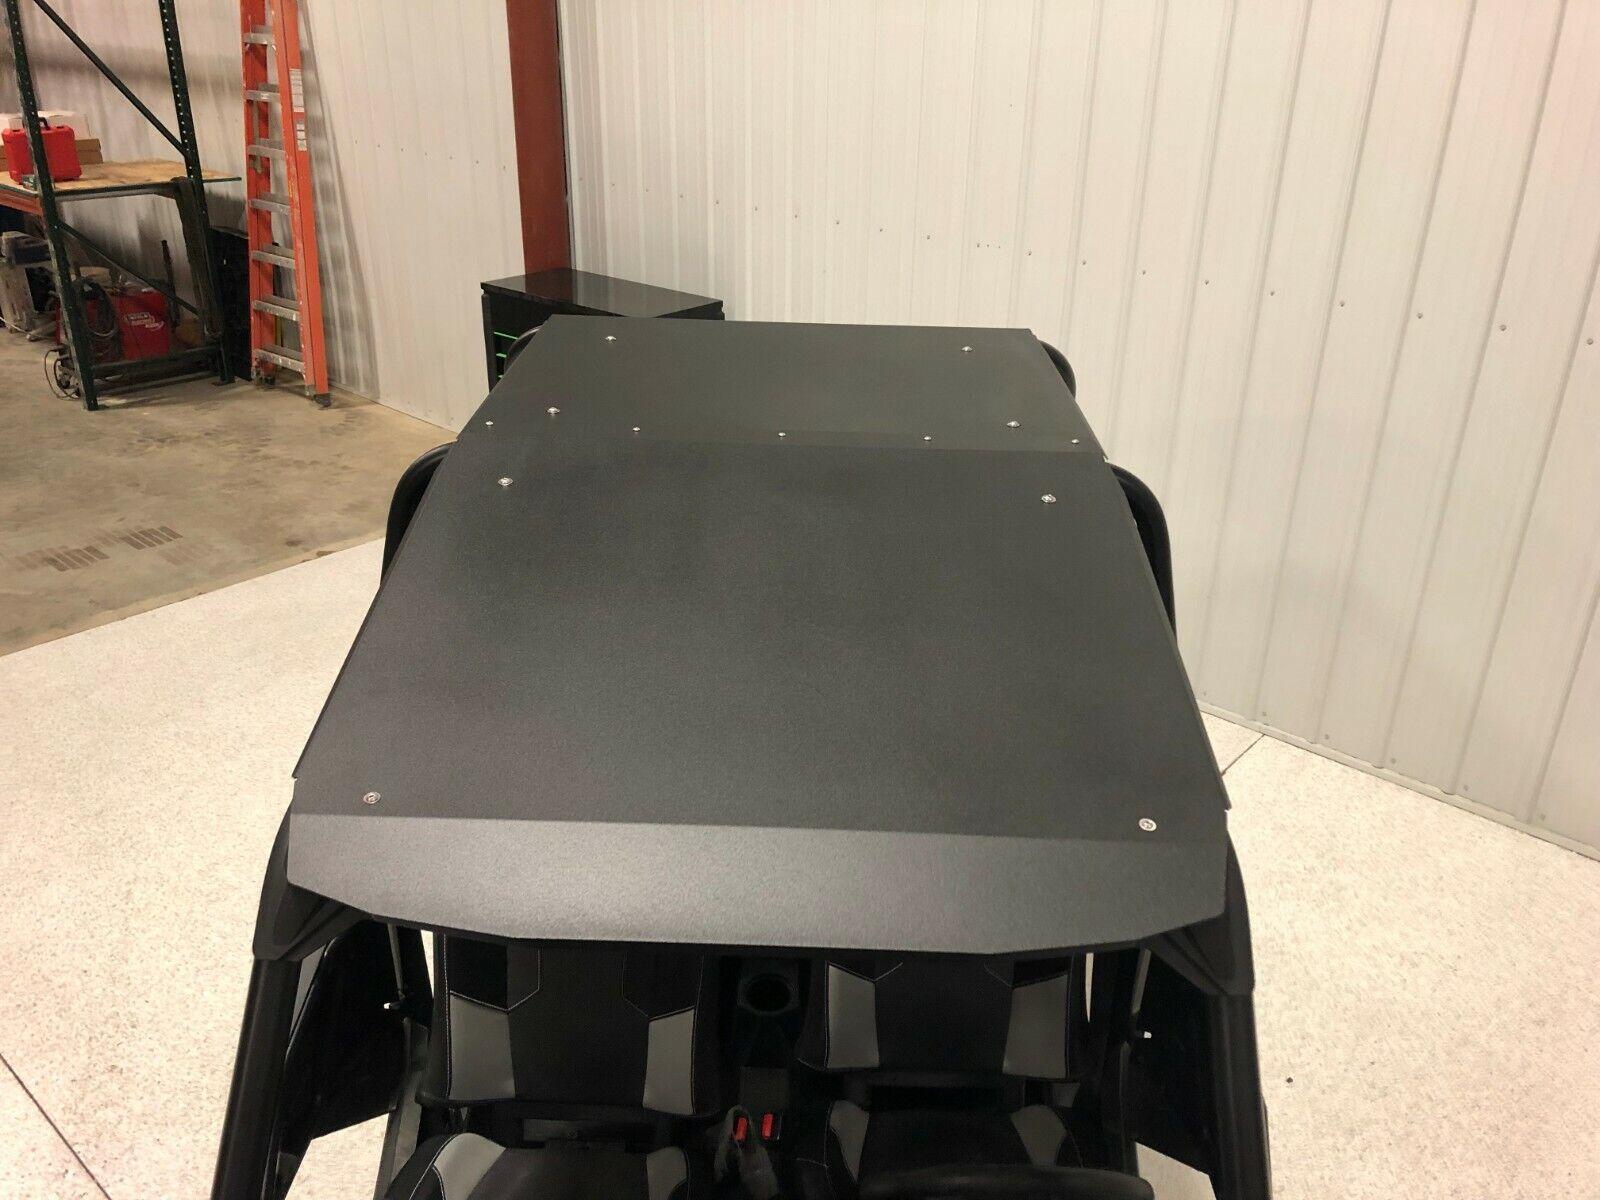 Owner POLARIS RZR4 4 SEATER CREW 900 1000 XP TURBO Roof - Aluminum BLACK POWDER COAT